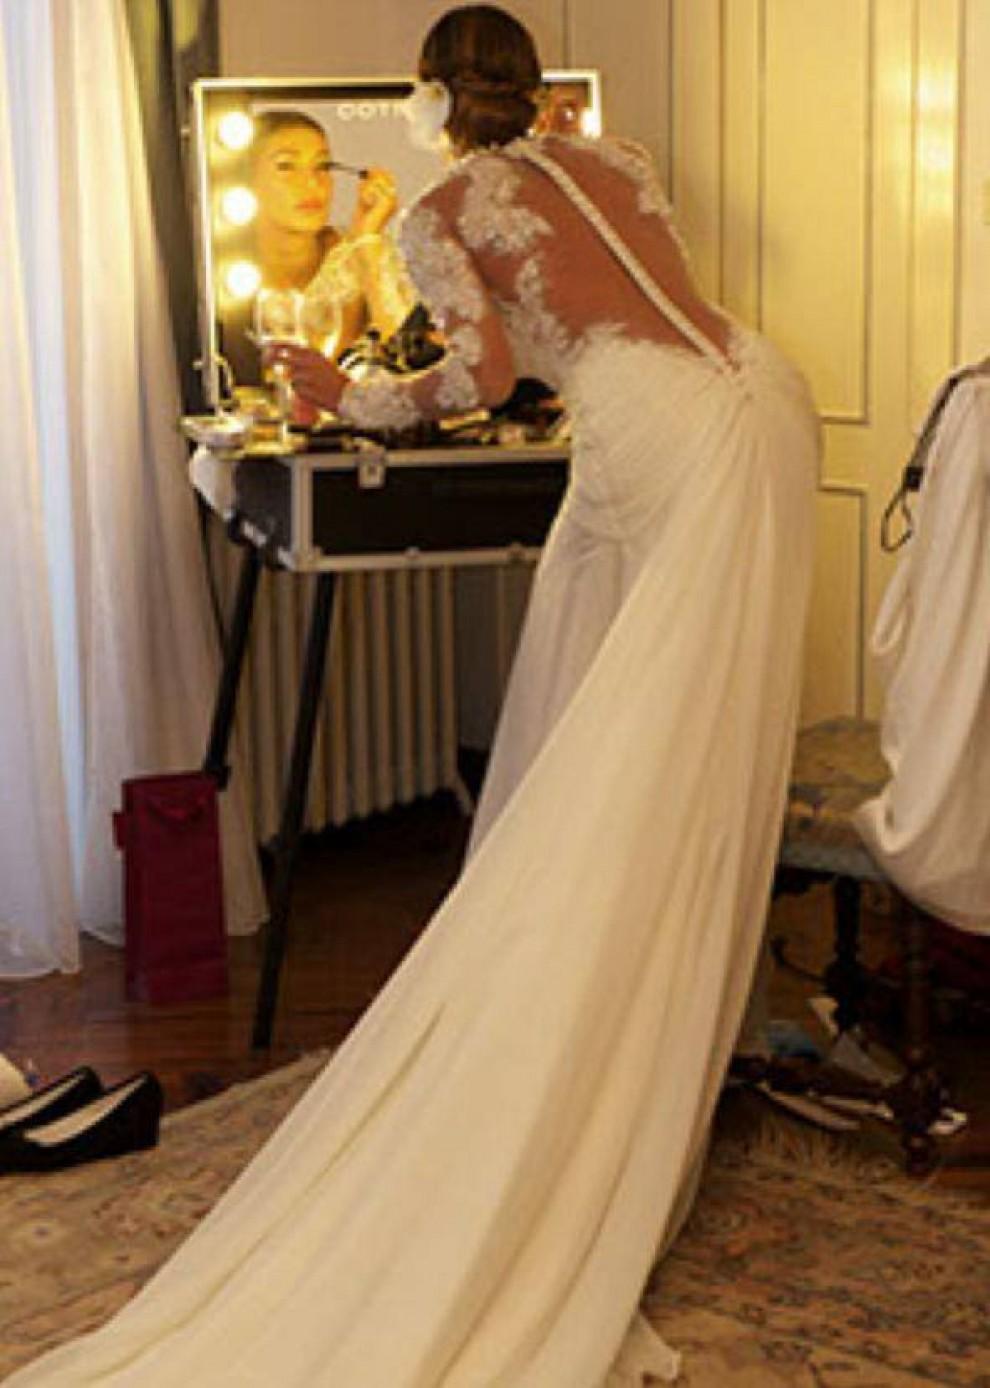 94040db3e9e9 Abito da Sposa Matrimonio Belen Rodriguez. abito rosso corto Belen